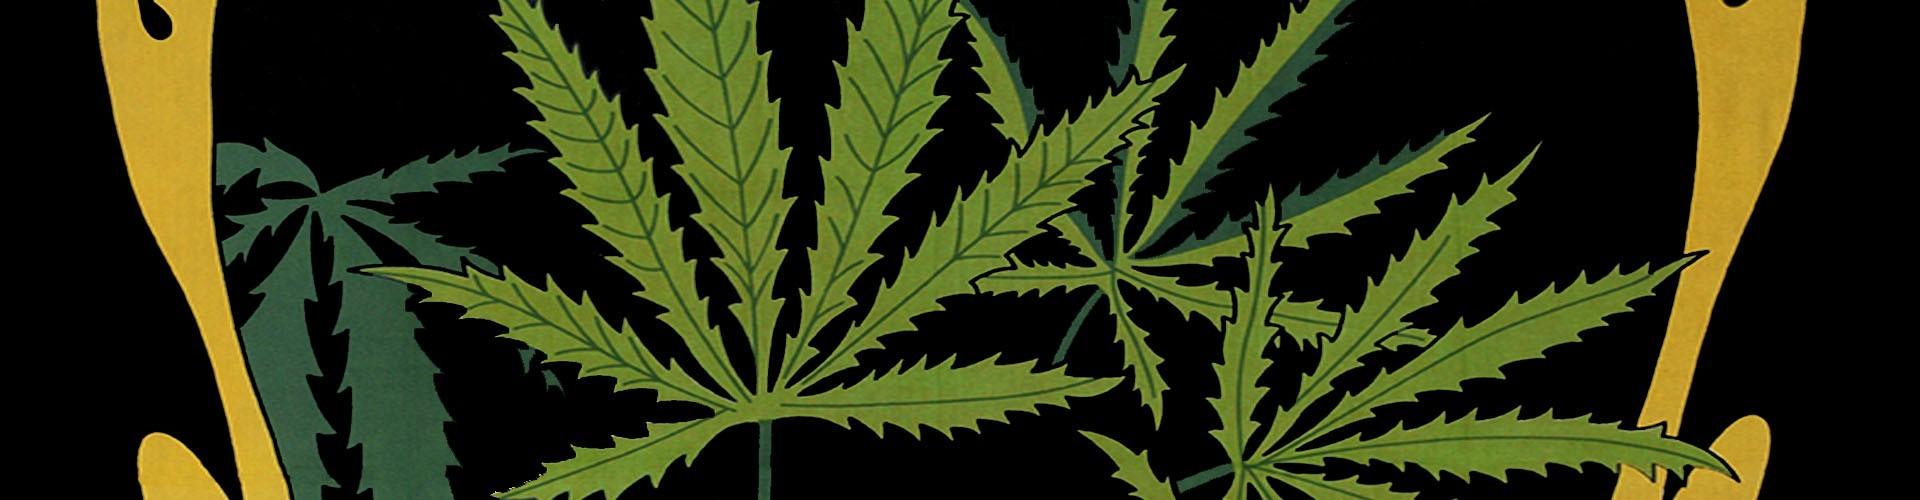 Tenture Feuille de Cannabis pour les adeptes de la weed